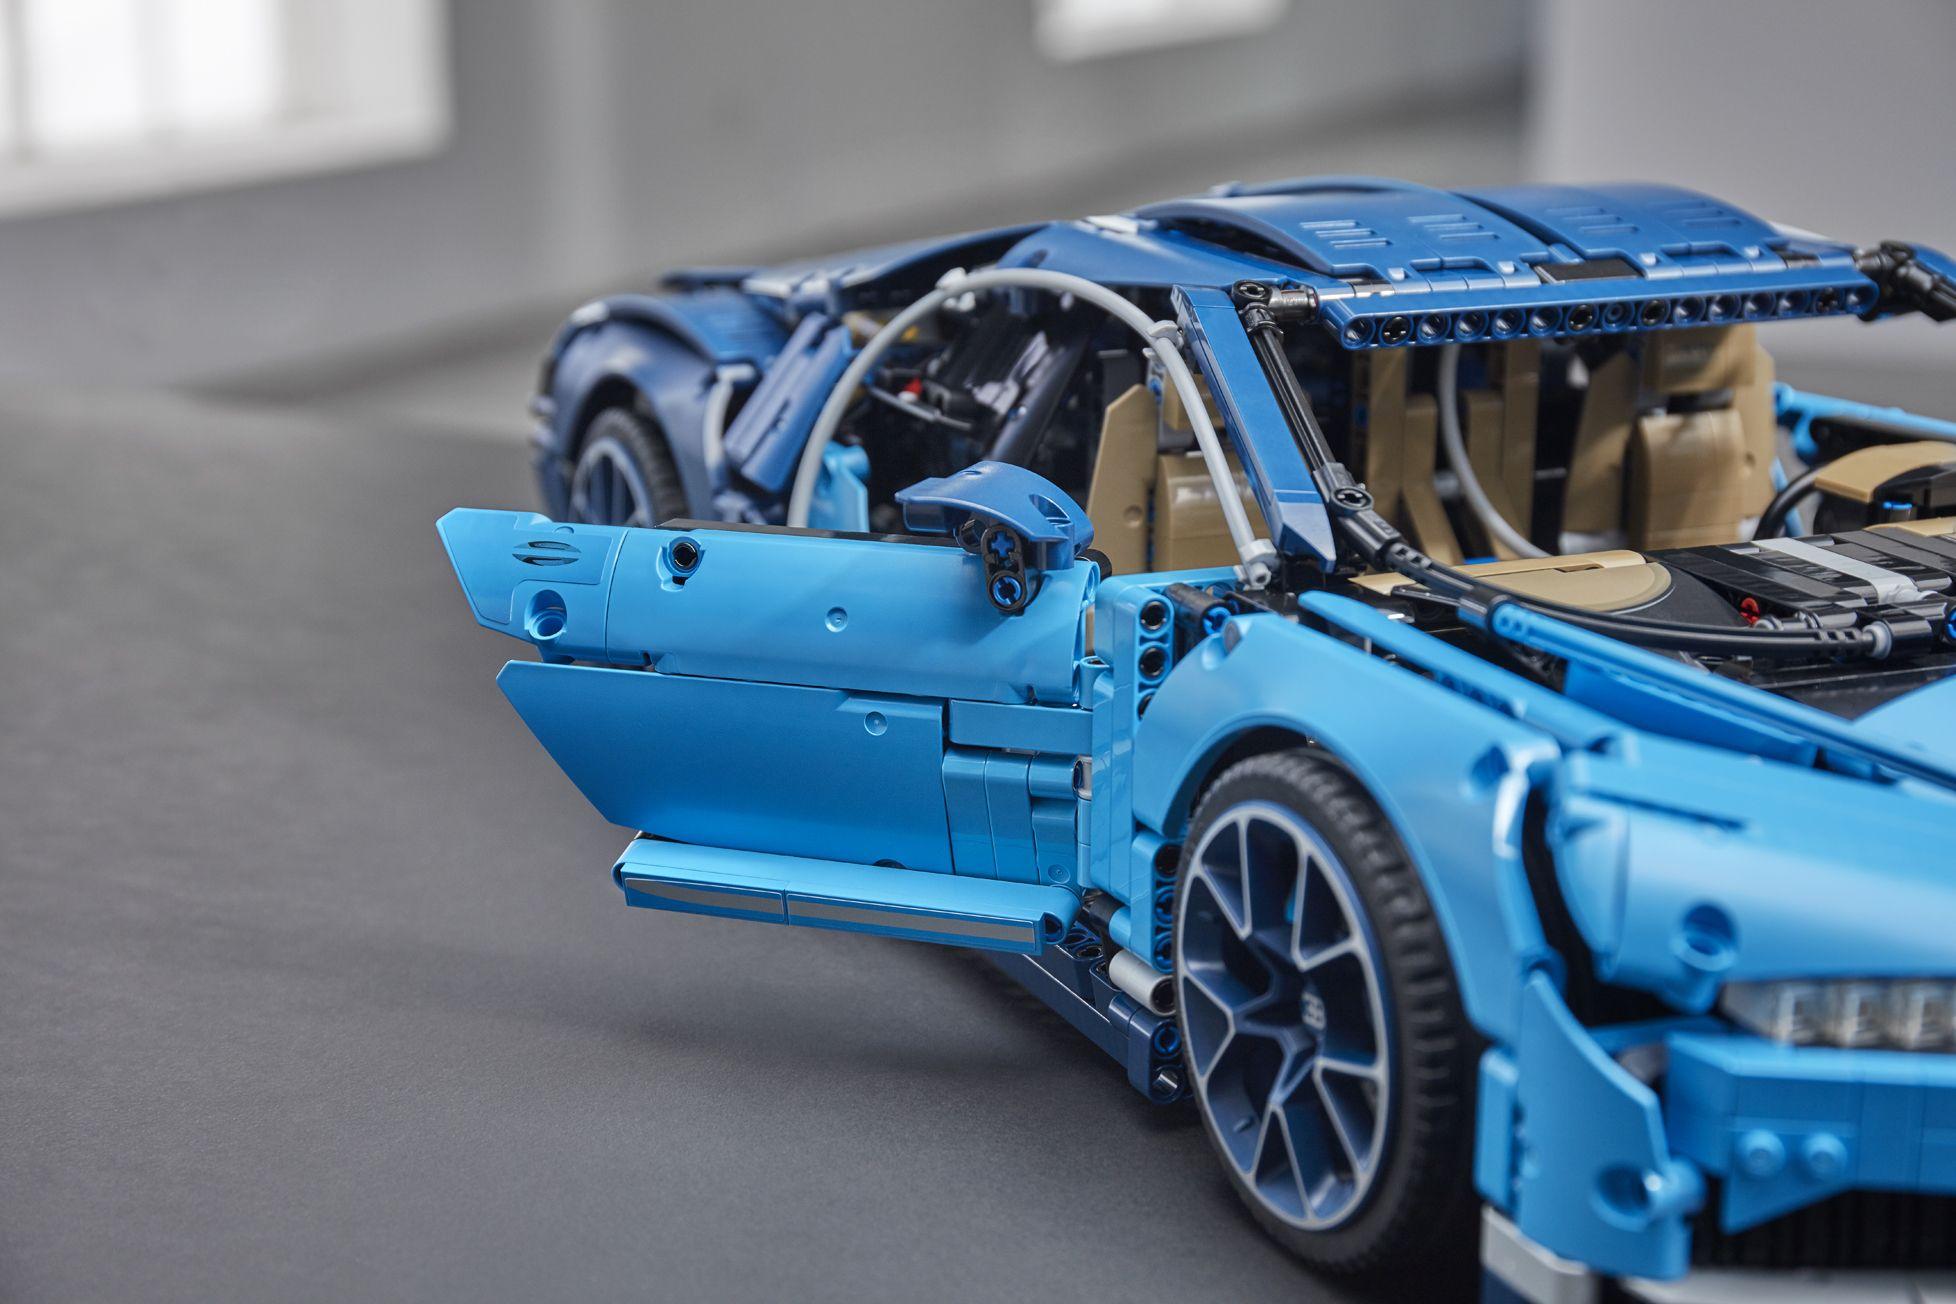 bugatti-chiron-lego-technic-31